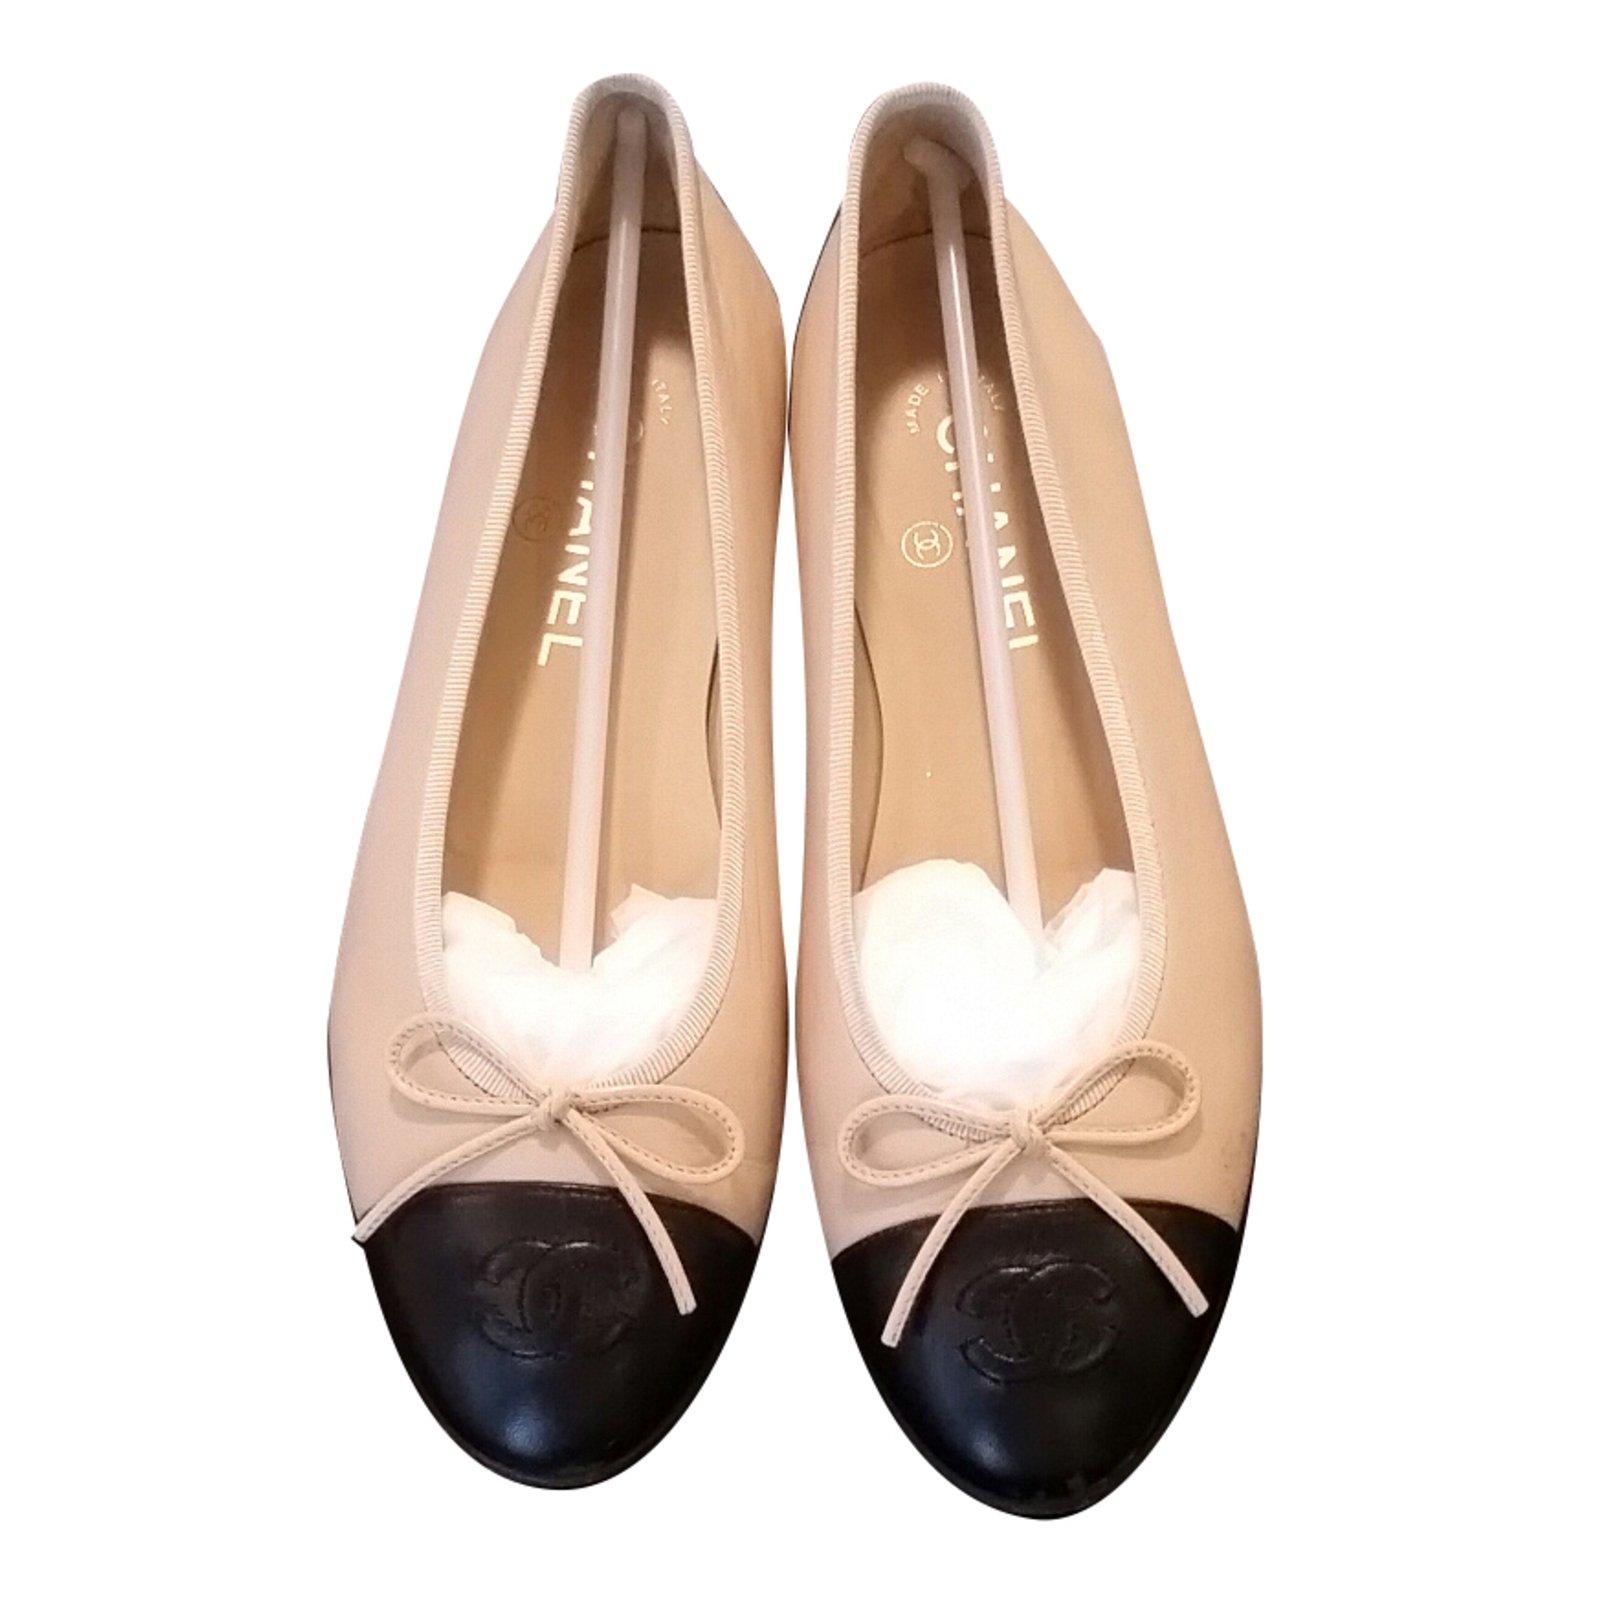 promo code e5ca4 2116c Chanel Beige/Black Two-Tone Ballerina Flats